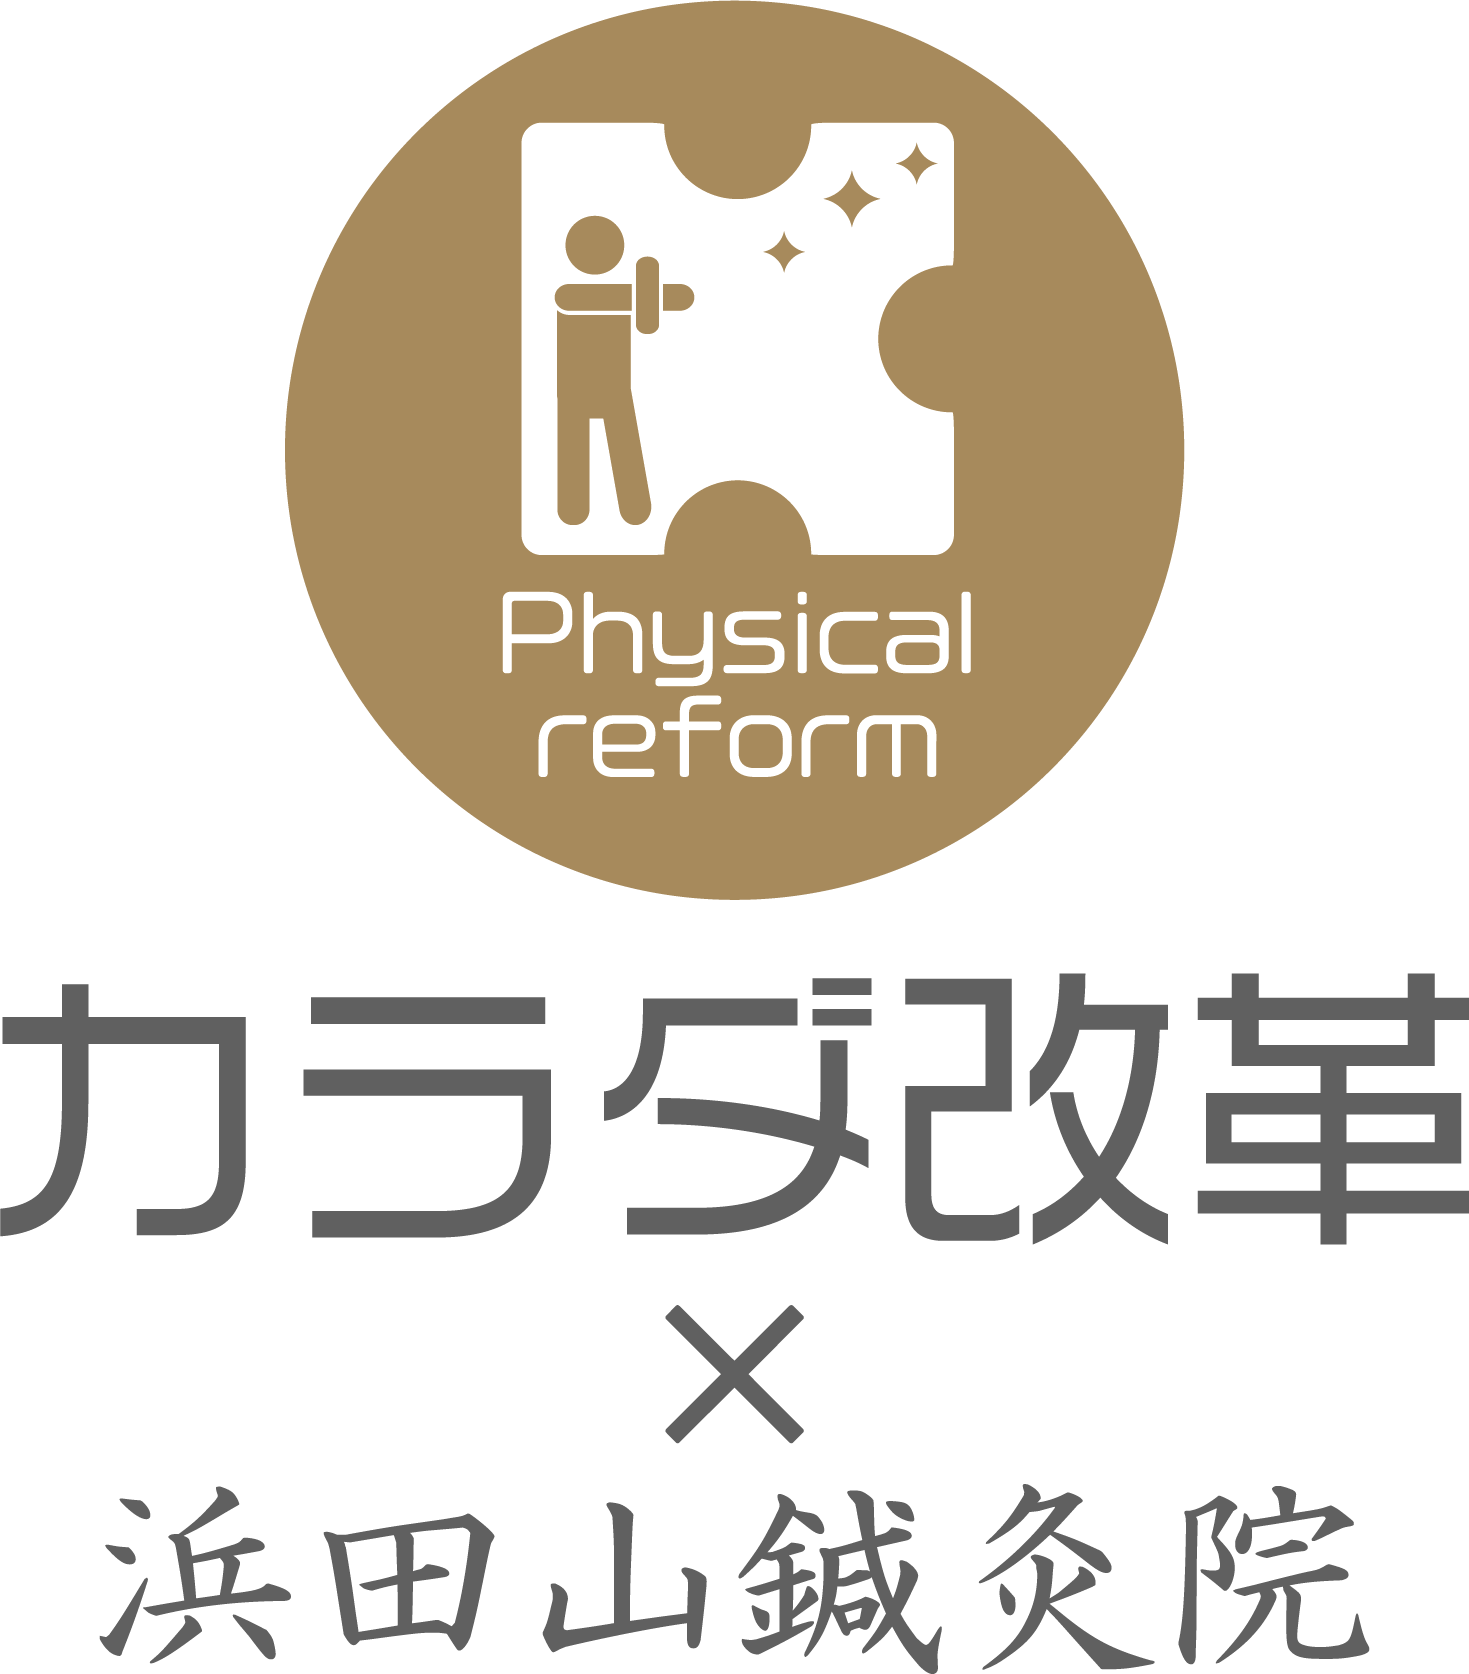 カラダ改革ロゴ